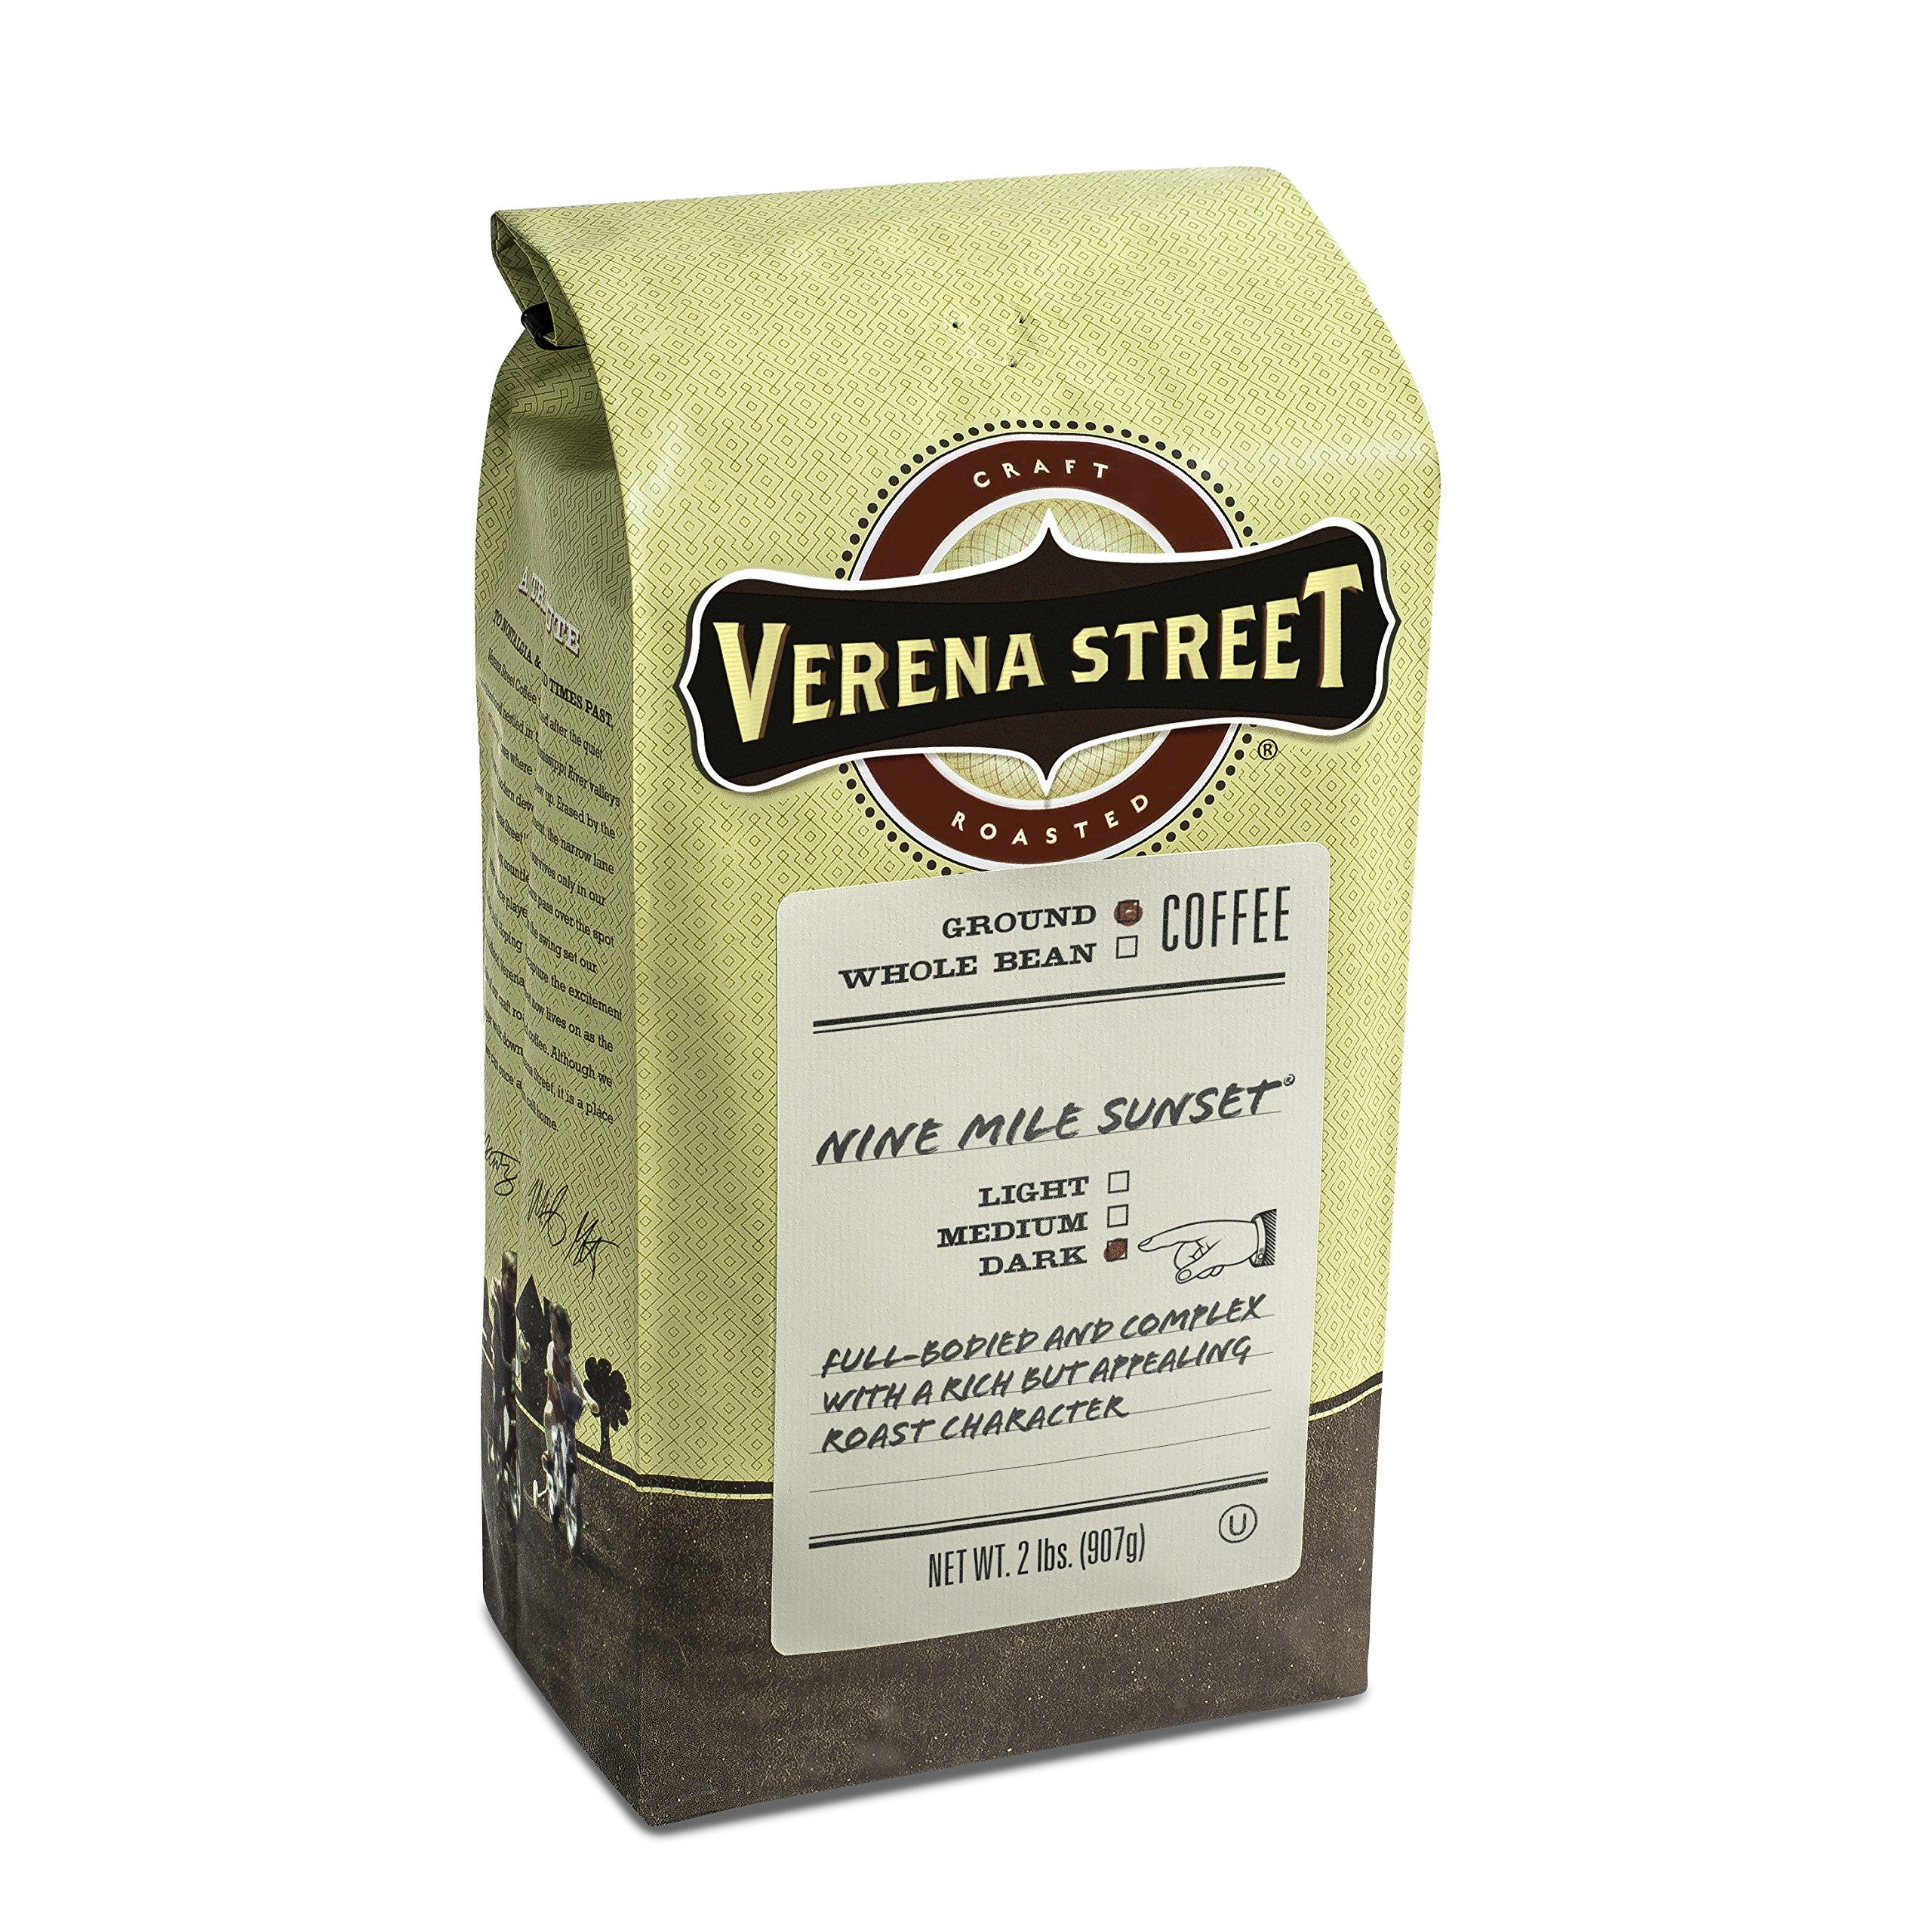 Verena Street 2 Pound Ground Coffee, Dark Roast, Nine Mile Sunset, Rainforest Alliance Certified Arabica Coffee by Verena Street